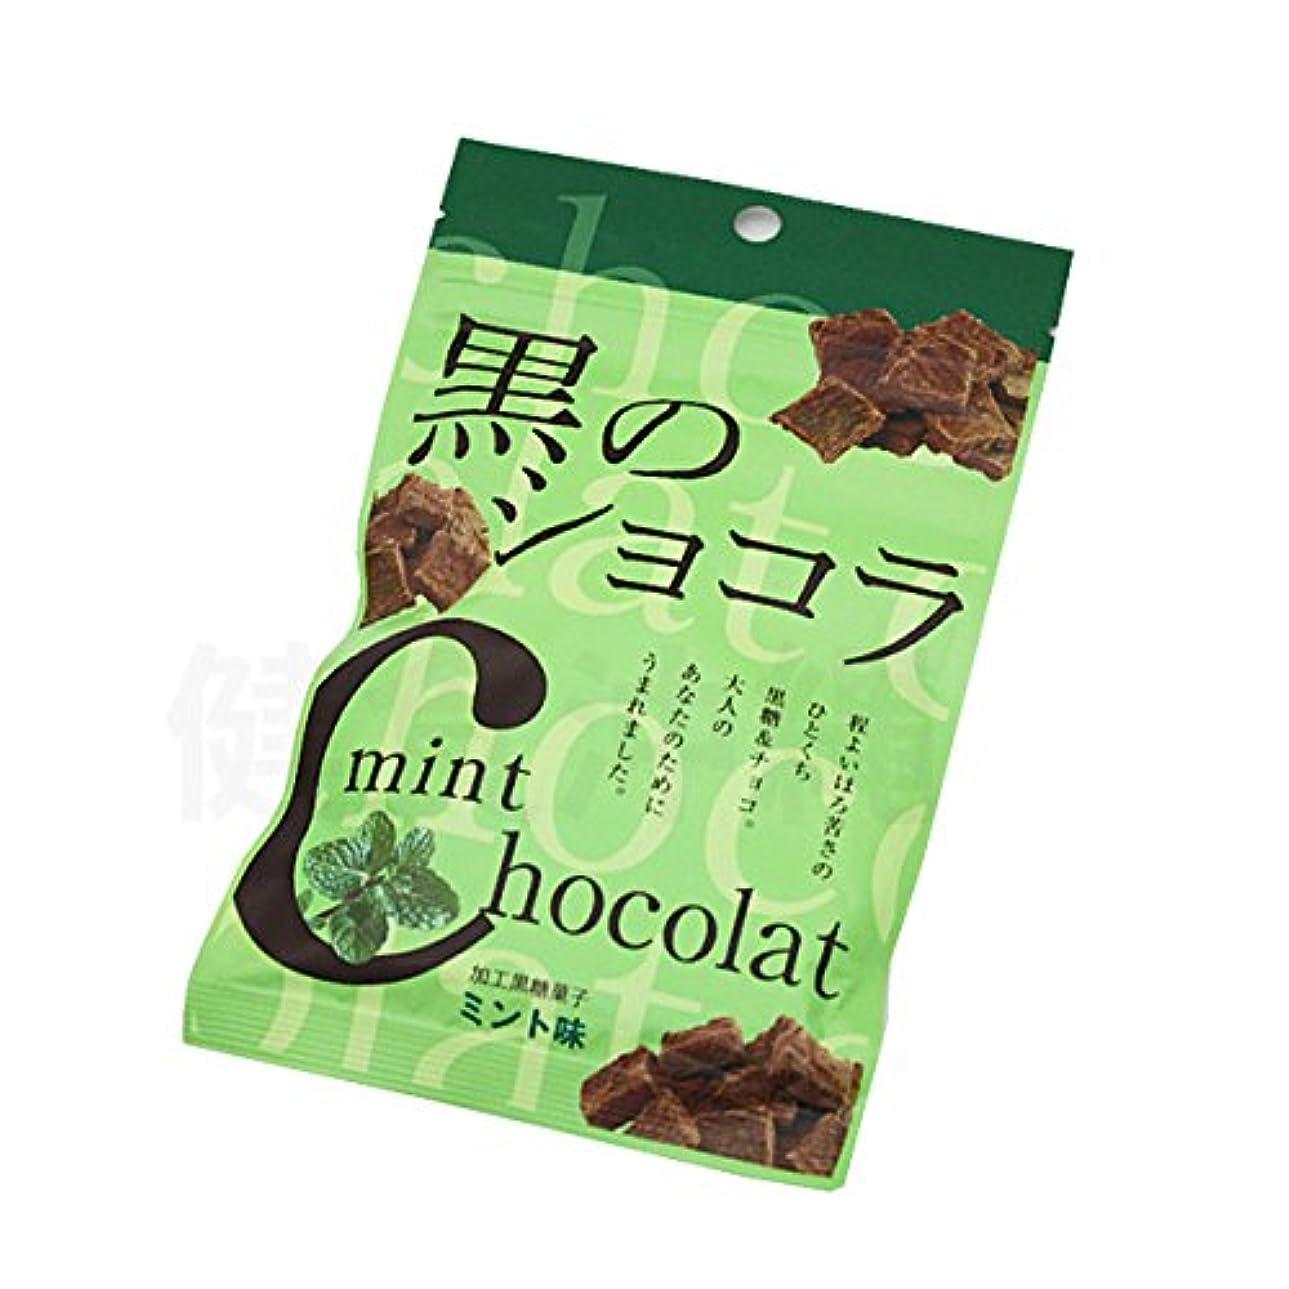 致命的な懇願する降雨黒のショコラ(ミント味)40g